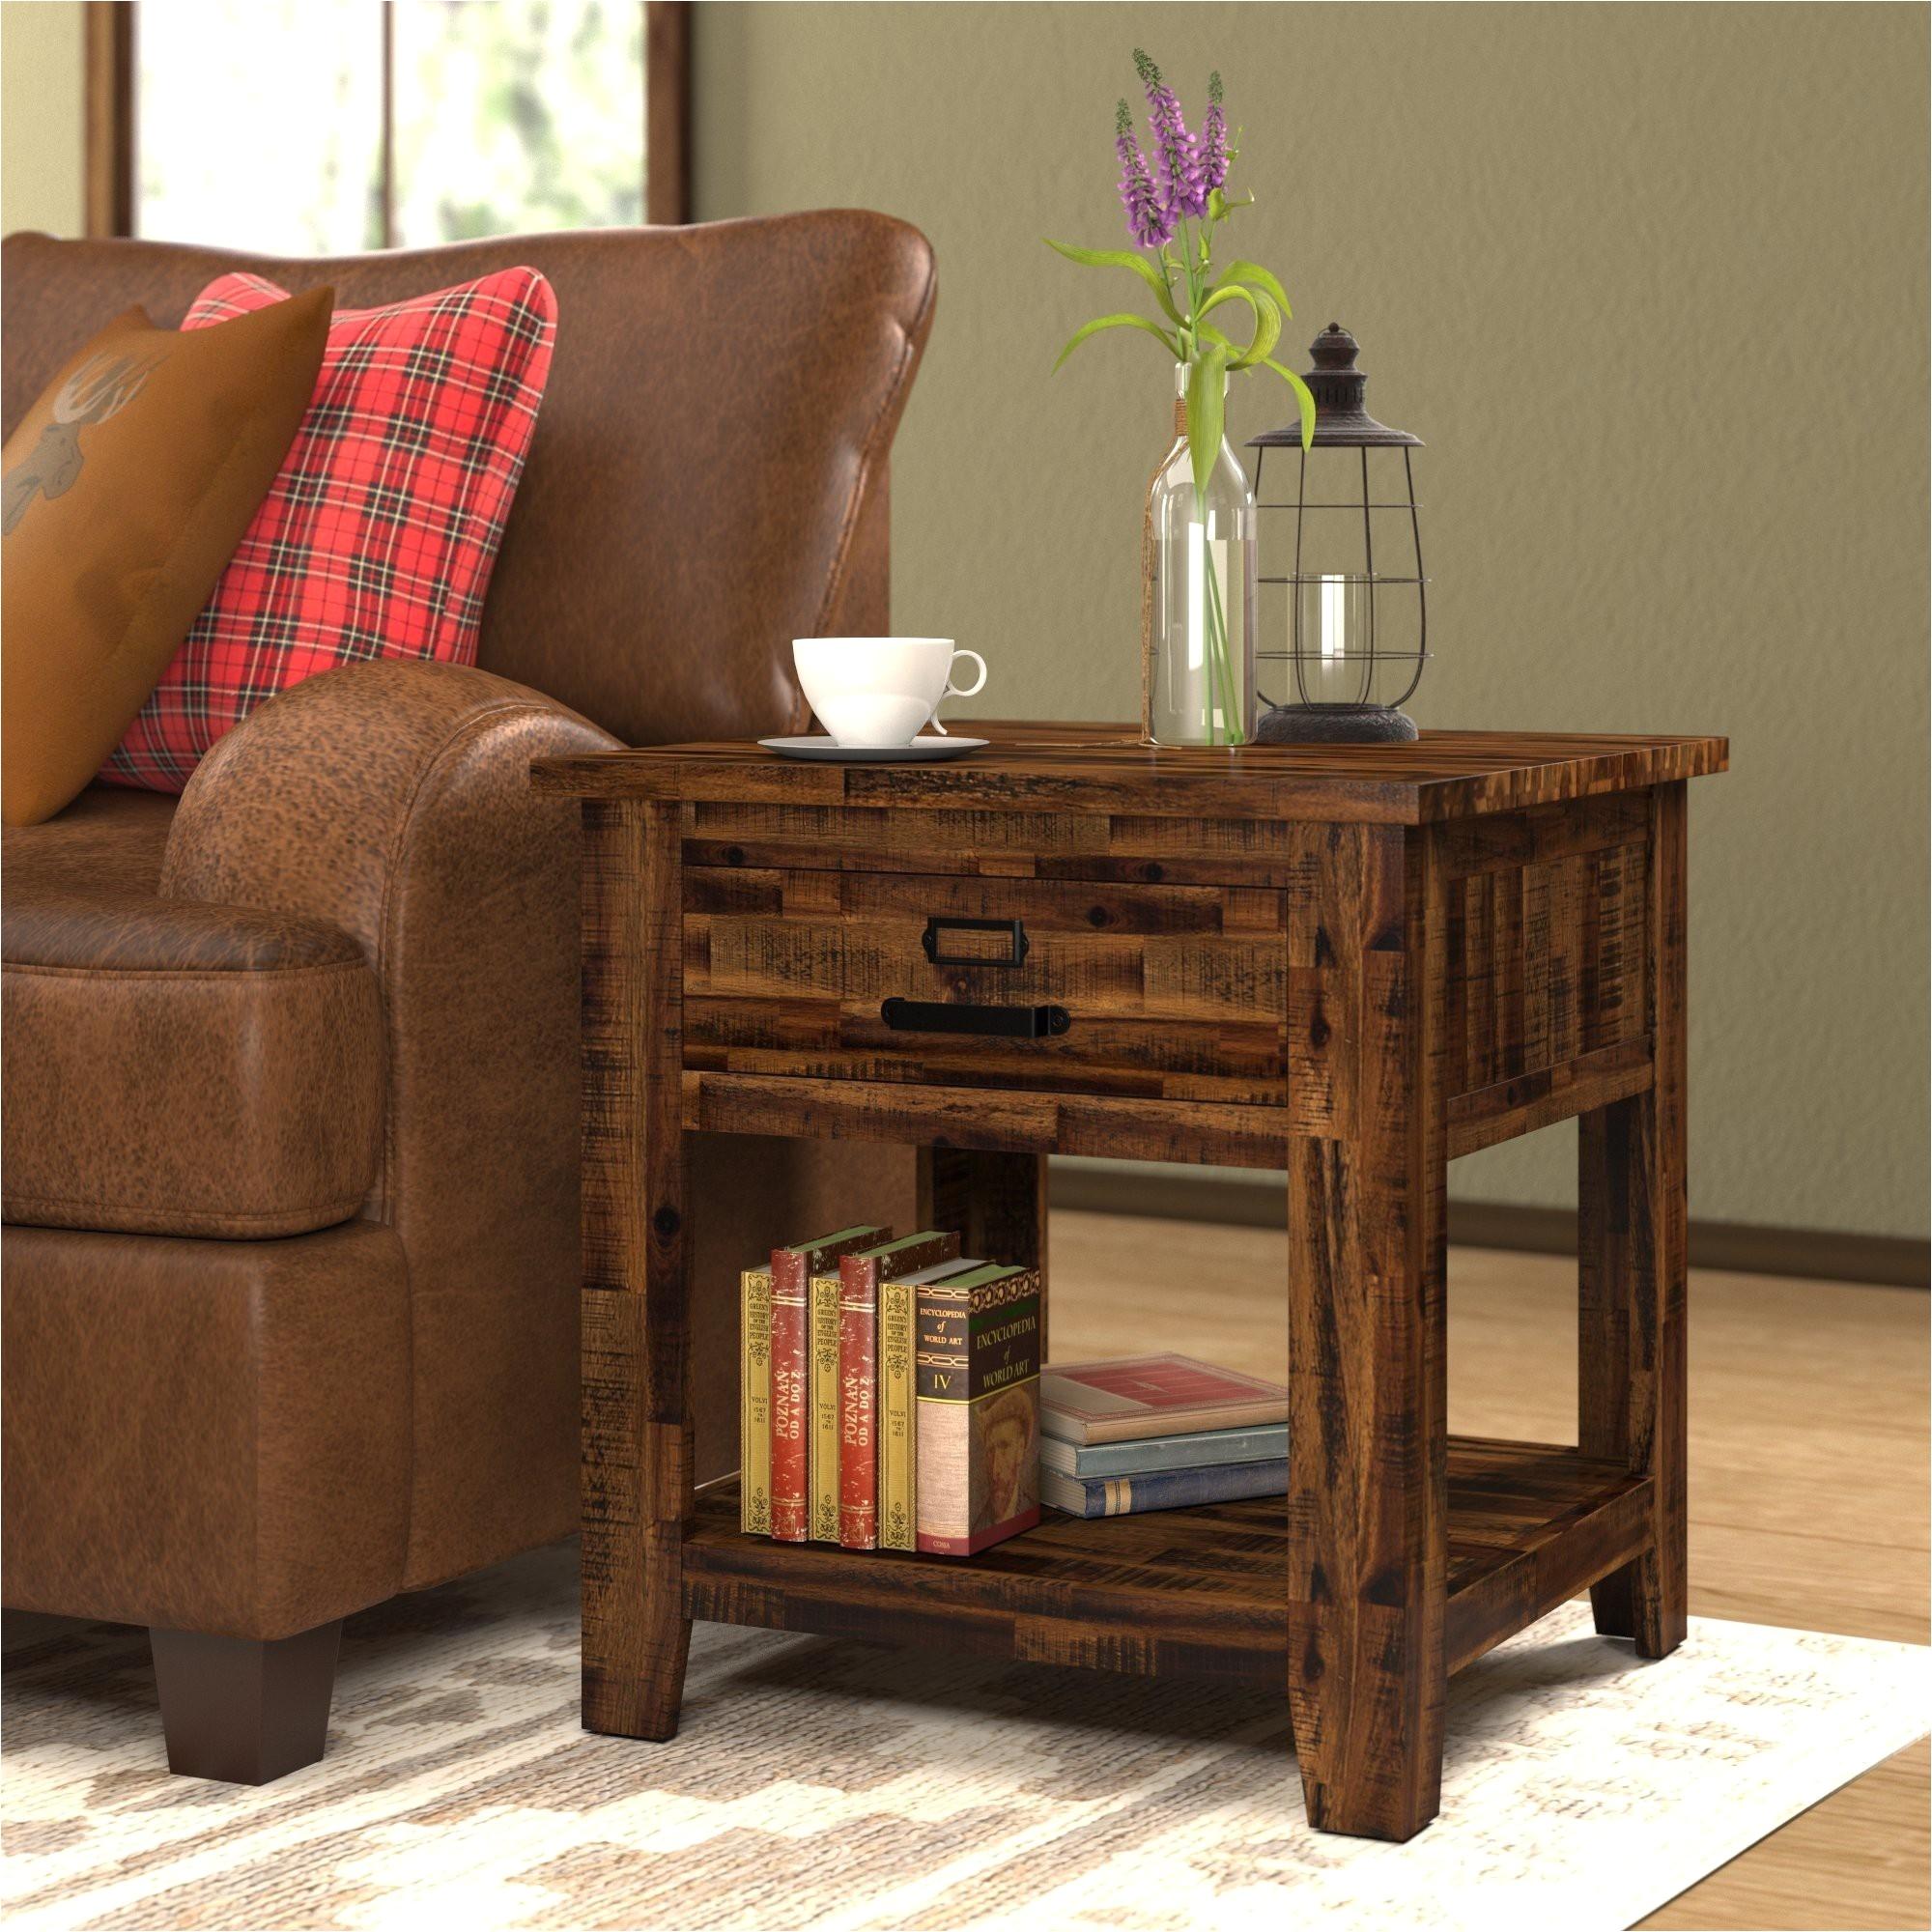 Narrow Side Tables Living Room Inspiring Narrow Side Tables for Living Room Best Traditional Wood